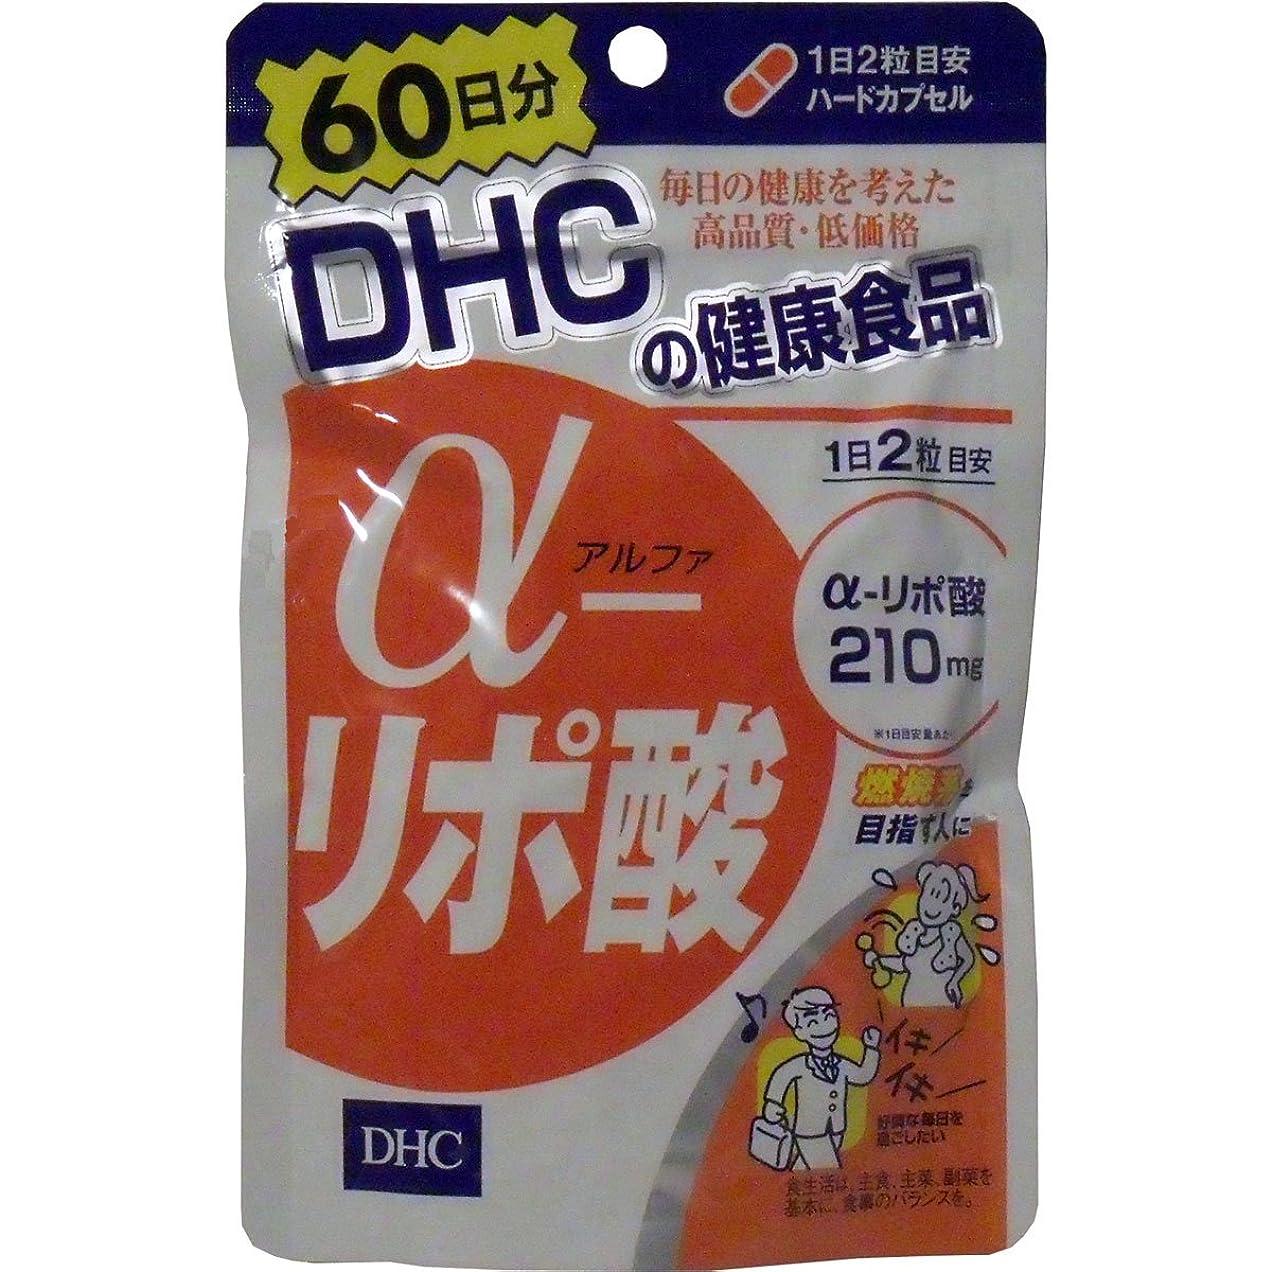 見ました障害者物足りないDHC α-リポ酸60日分 120粒×3個セット